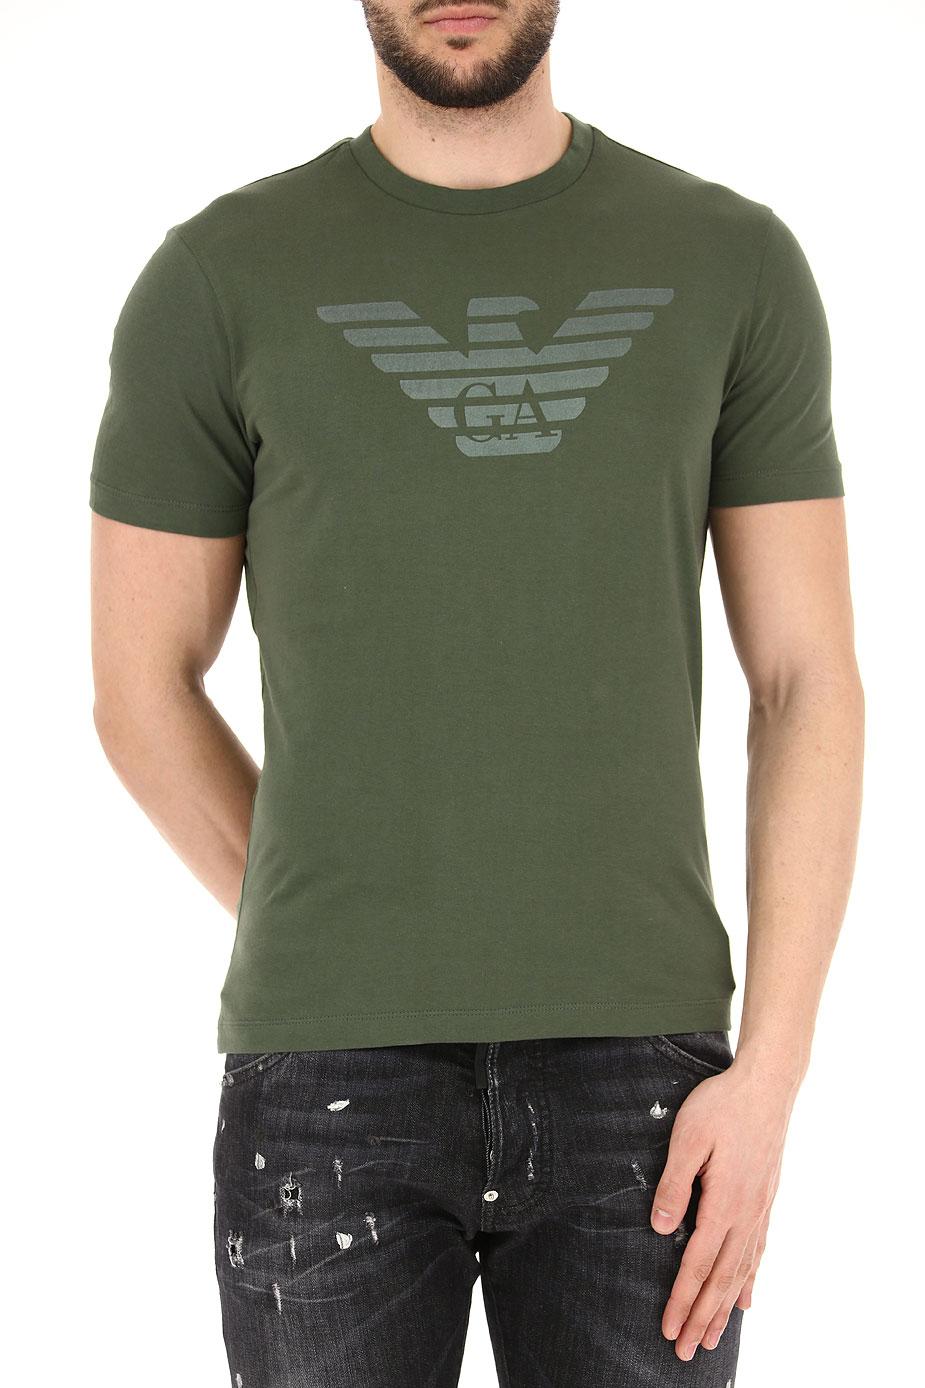 Abbigliamento Uomo Emporio Armani Codice Articolo 3z1t88-1j00z-0544